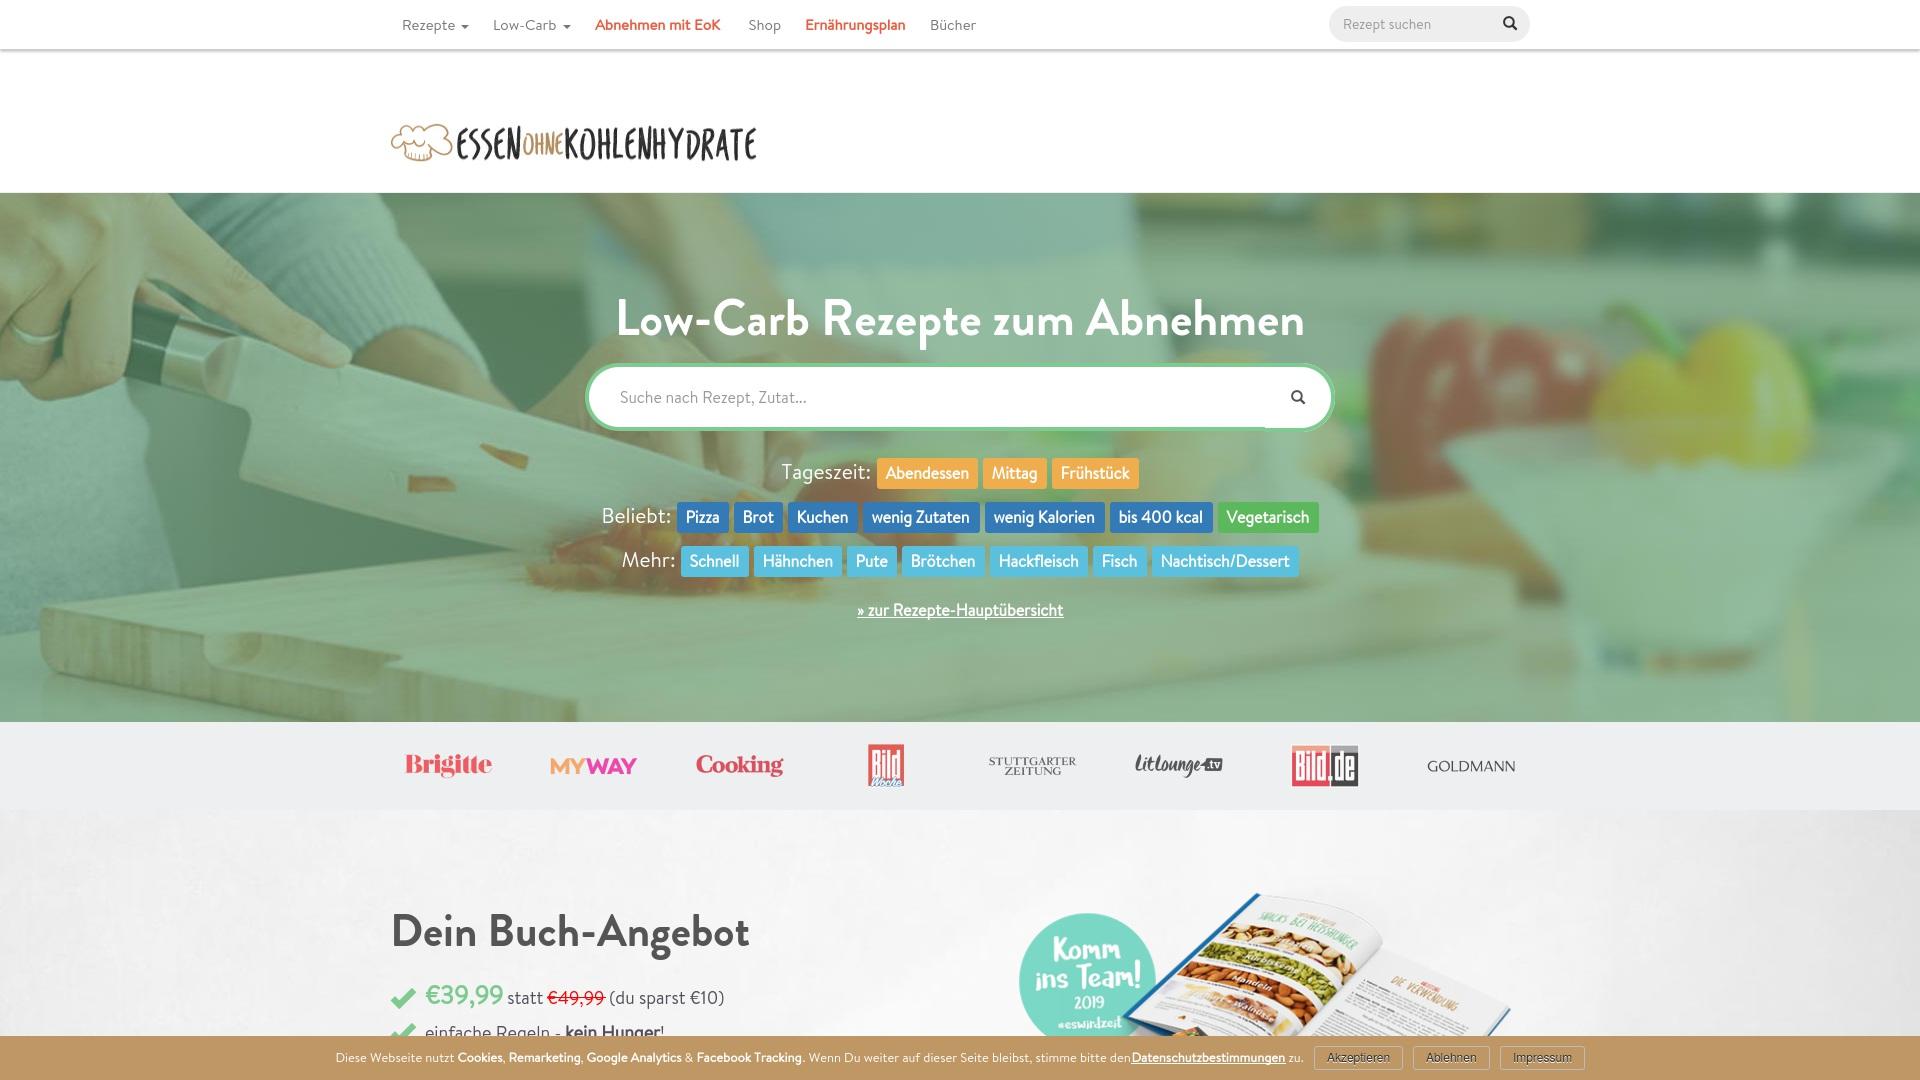 Gutschein für Essen-ohne-kohlenhydrate: Rabatte für  Essen-ohne-kohlenhydrate sichern